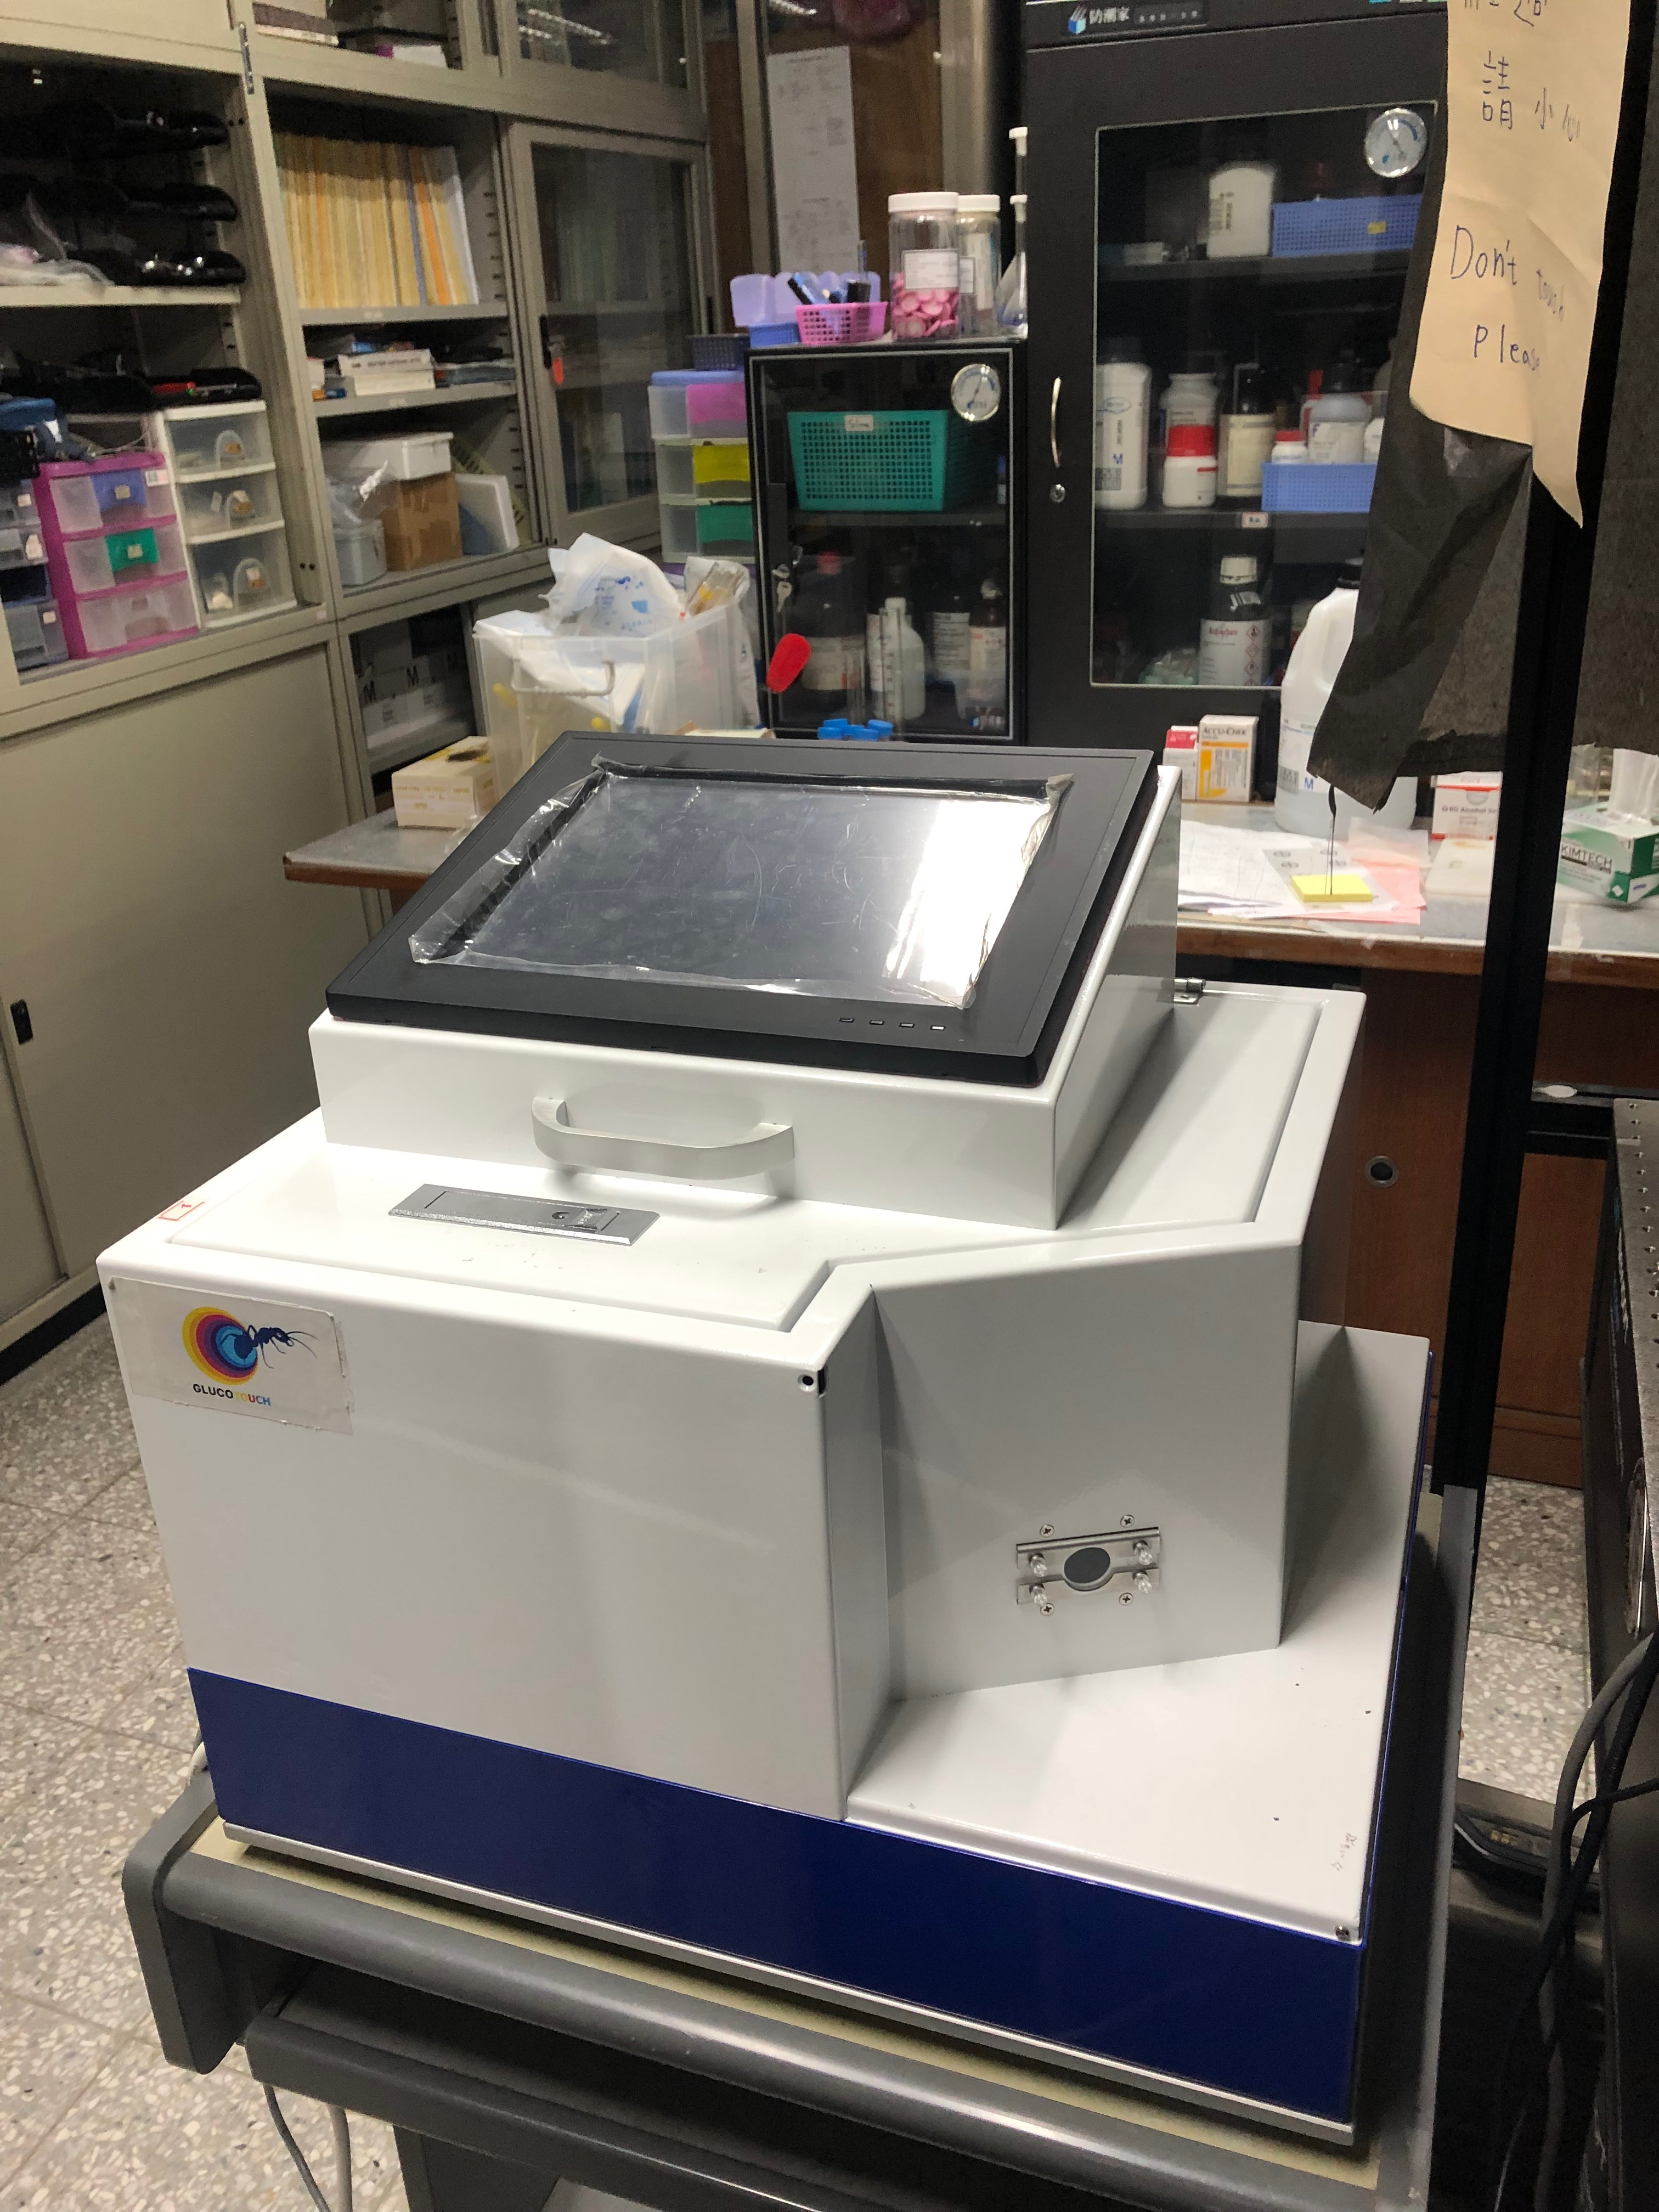 第二代雛型機在實驗室完成照